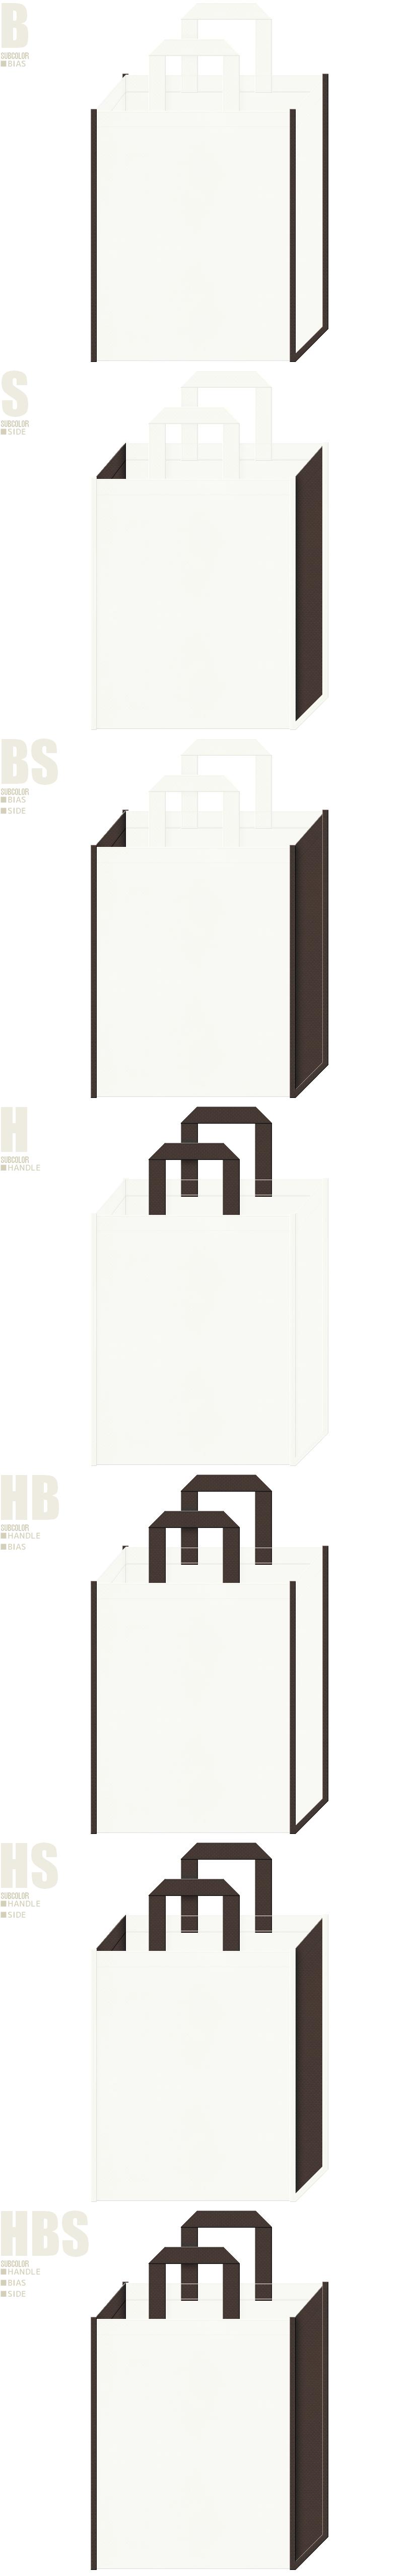 オフホワイト色とこげ茶色、7パターンの不織布トートバッグ配色デザイン例。オフィス・マンション・店舗インテリア・ハウジングの展示会用バッグにお奨めです。